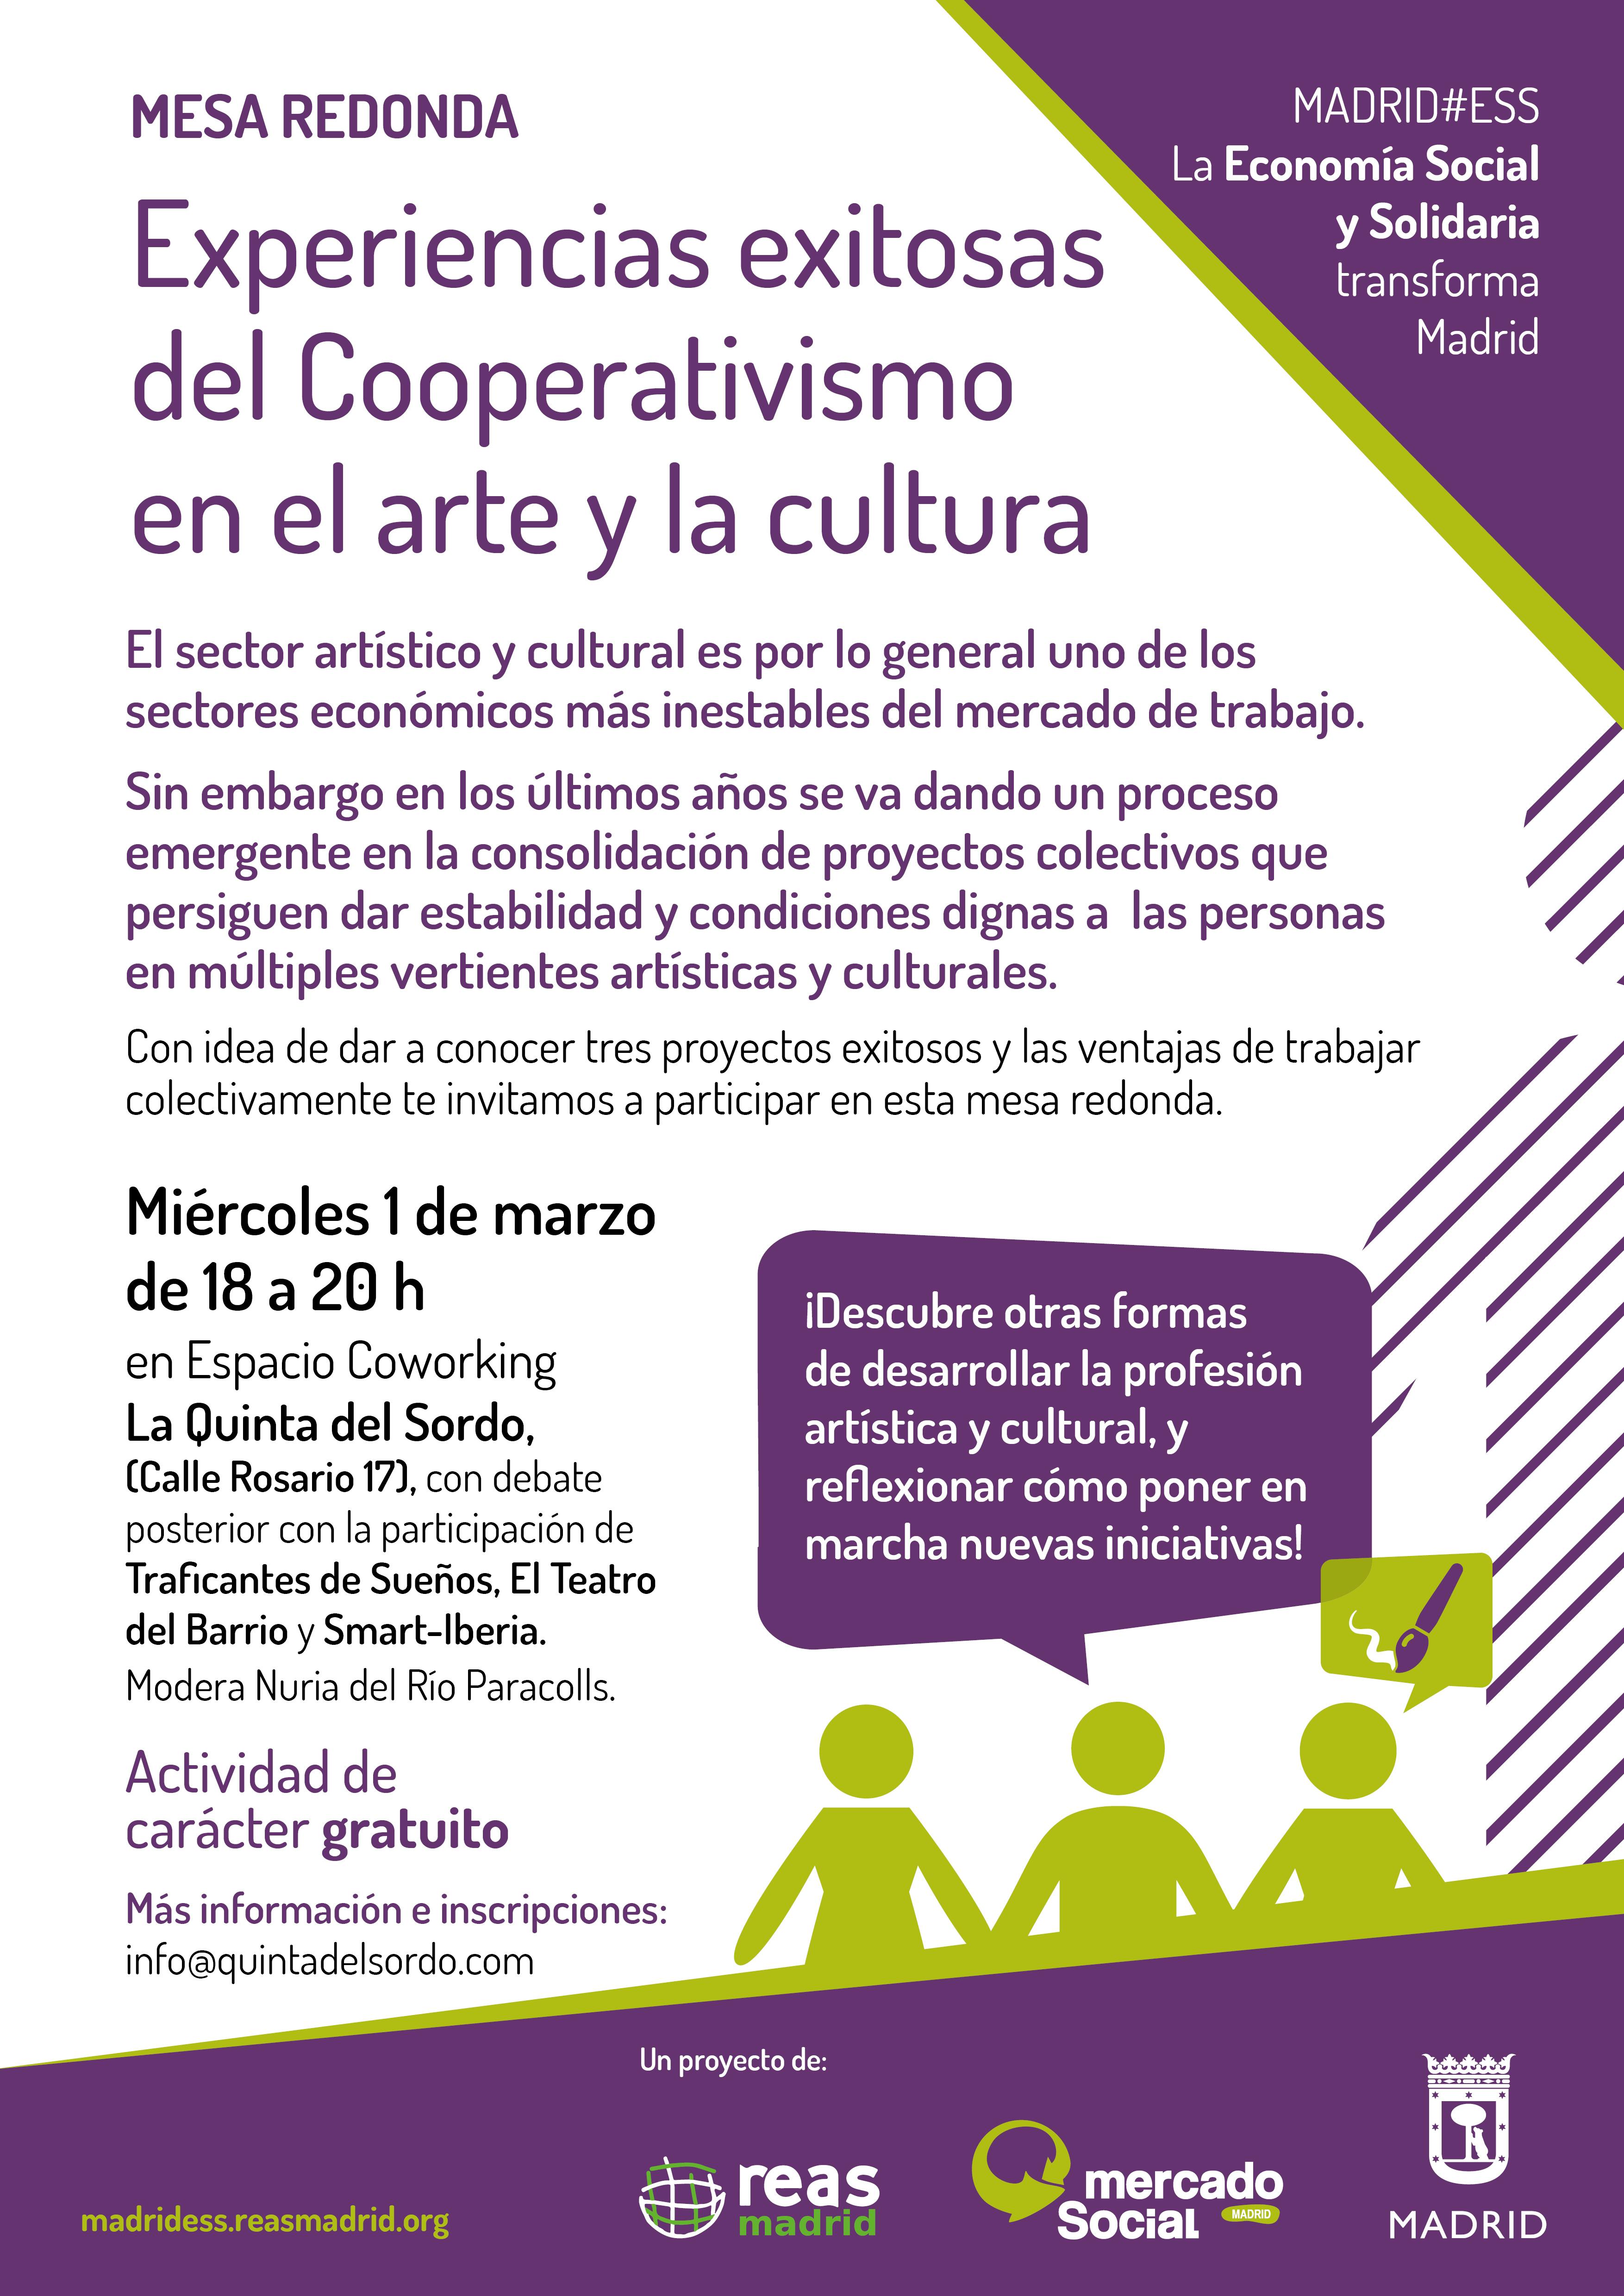 Experiencias exitosas del Cooperativismo en el arte y la cultura